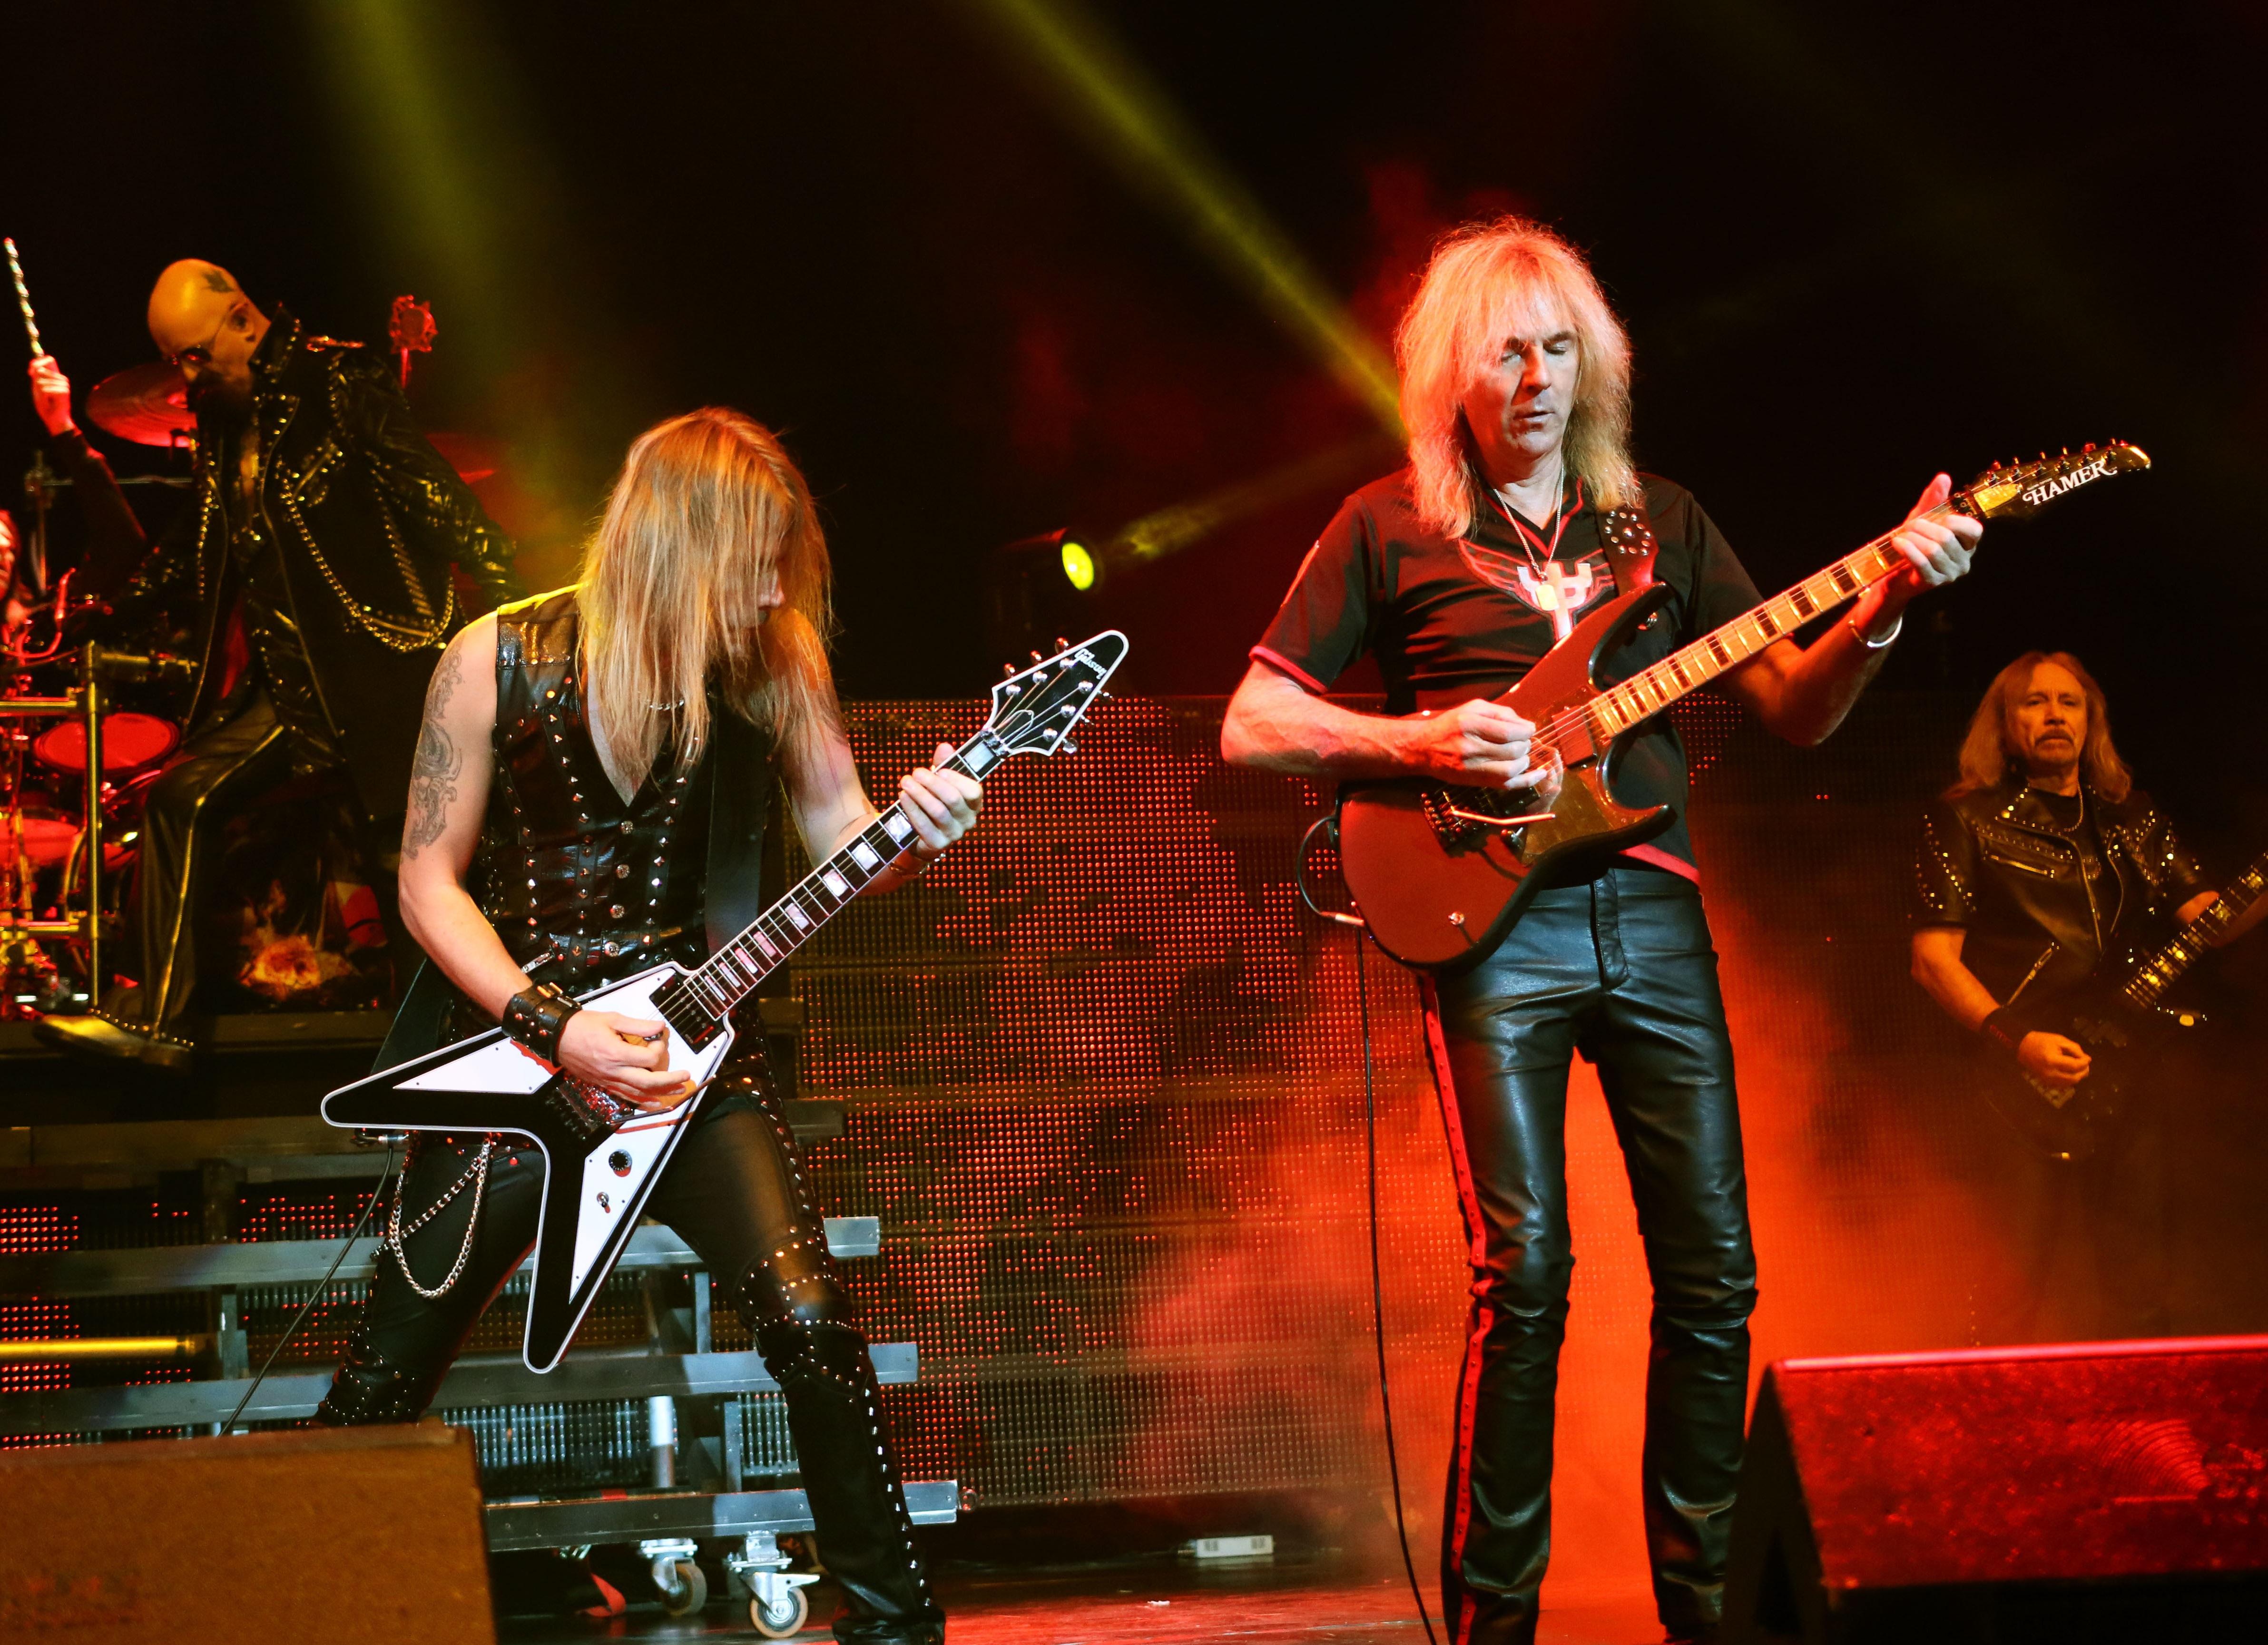 Judas Priest Photos